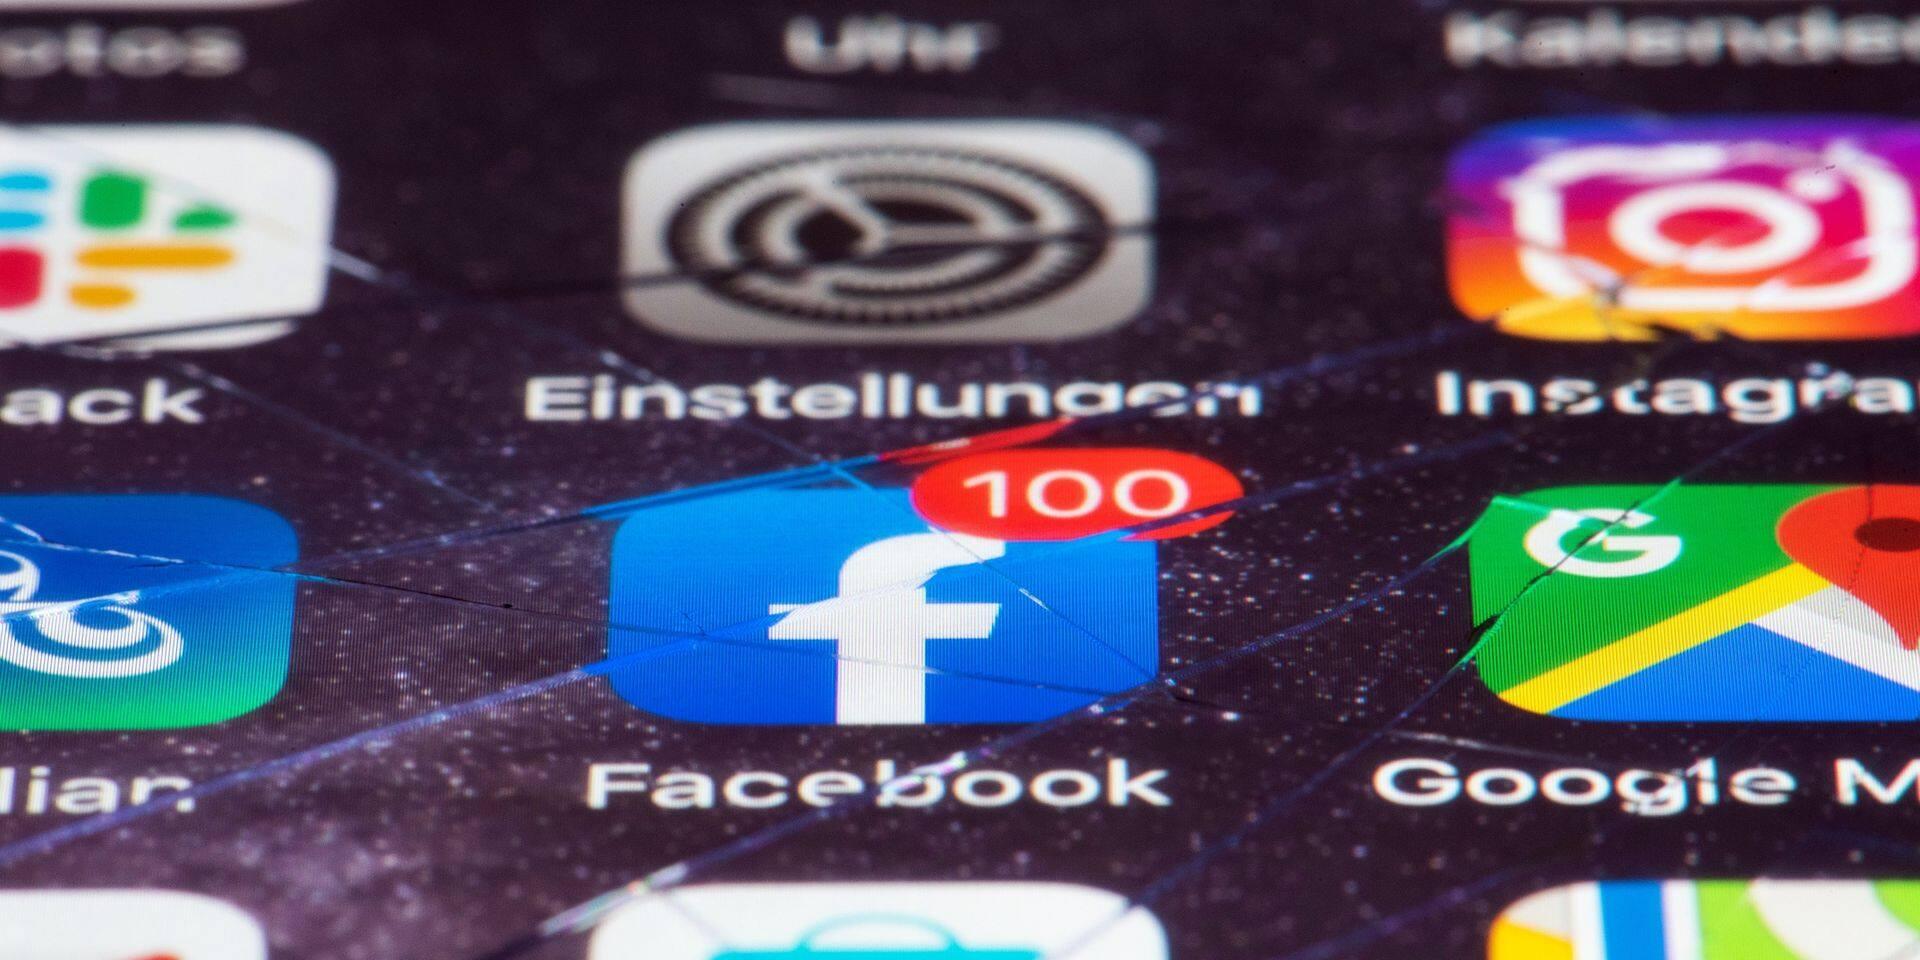 Le patron de Facebook refuse de vendre Instagram et WhatsApp